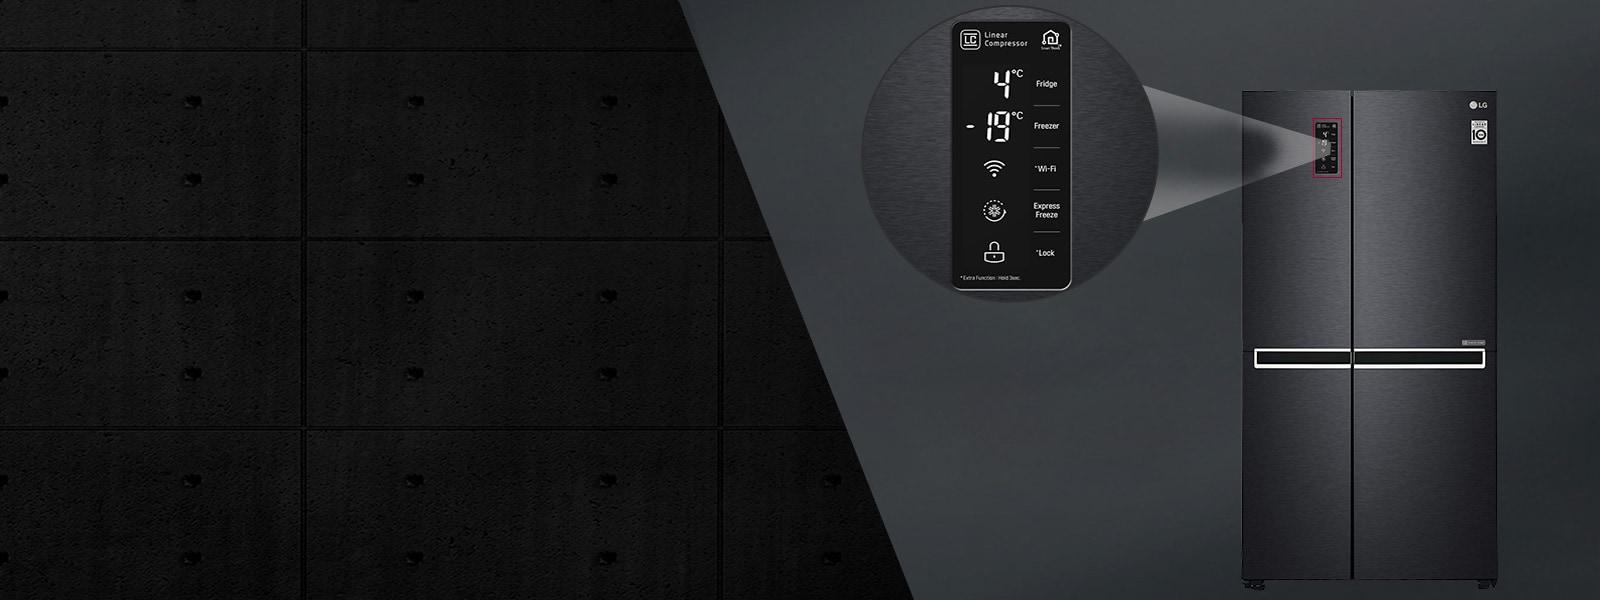 LG GC-B247SQUV 687 Ltr External Display Panel